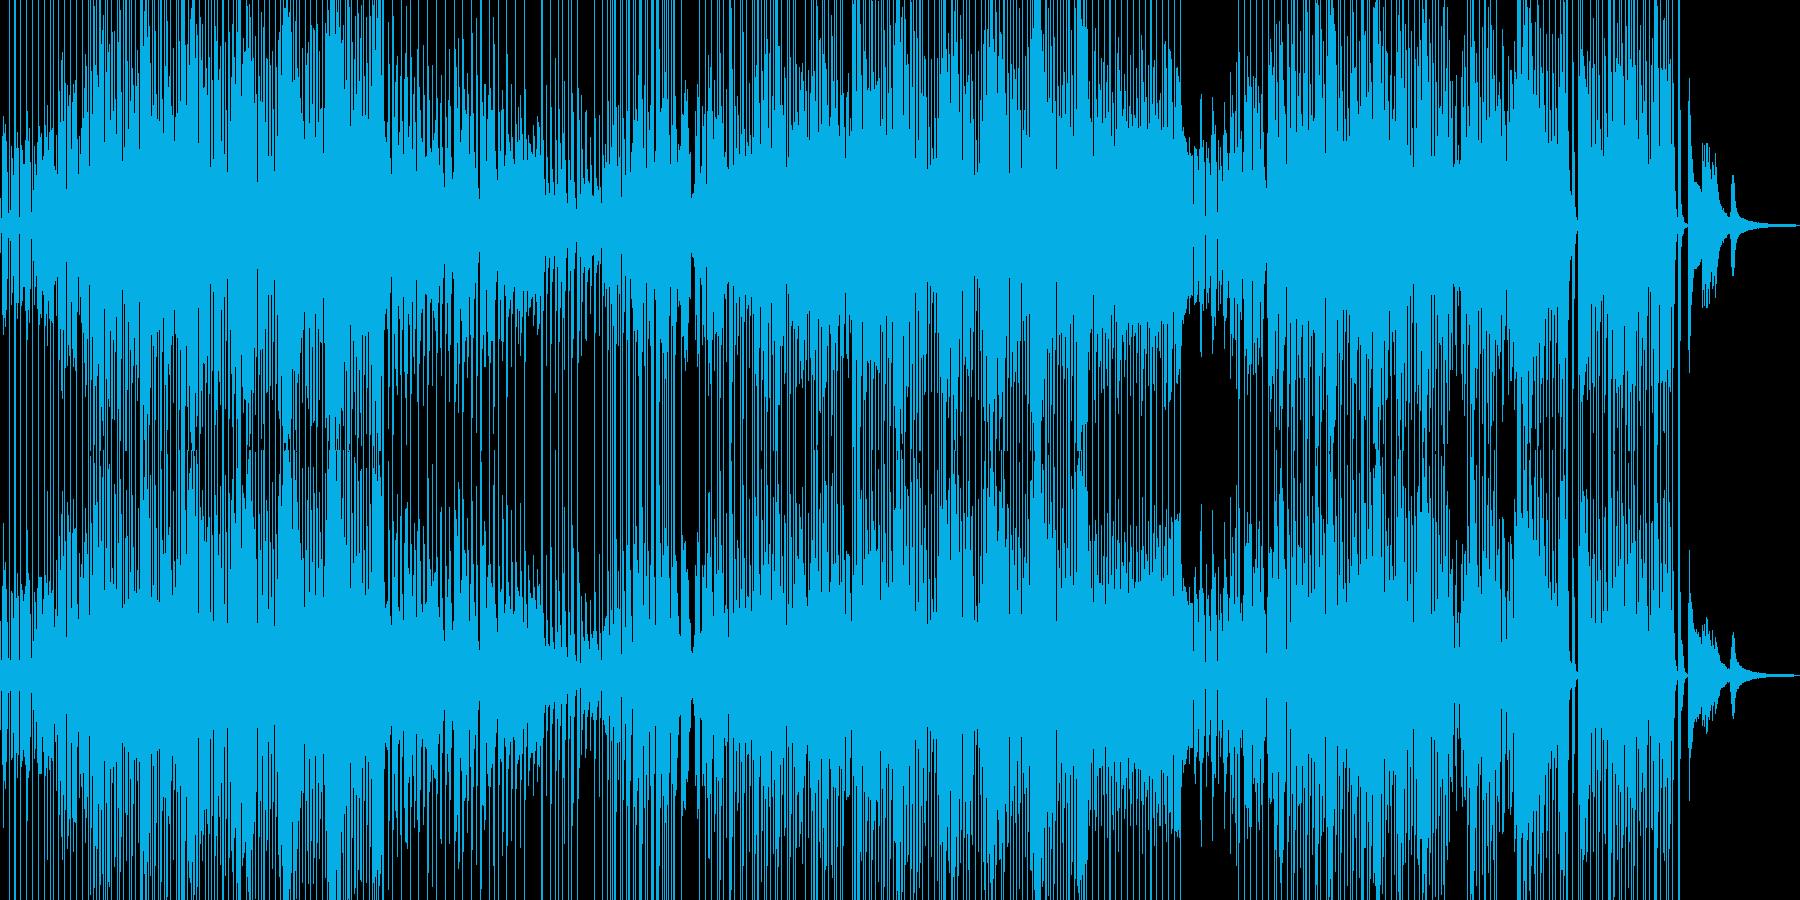 愉快でフレンドリー、コミカルなジャズの再生済みの波形